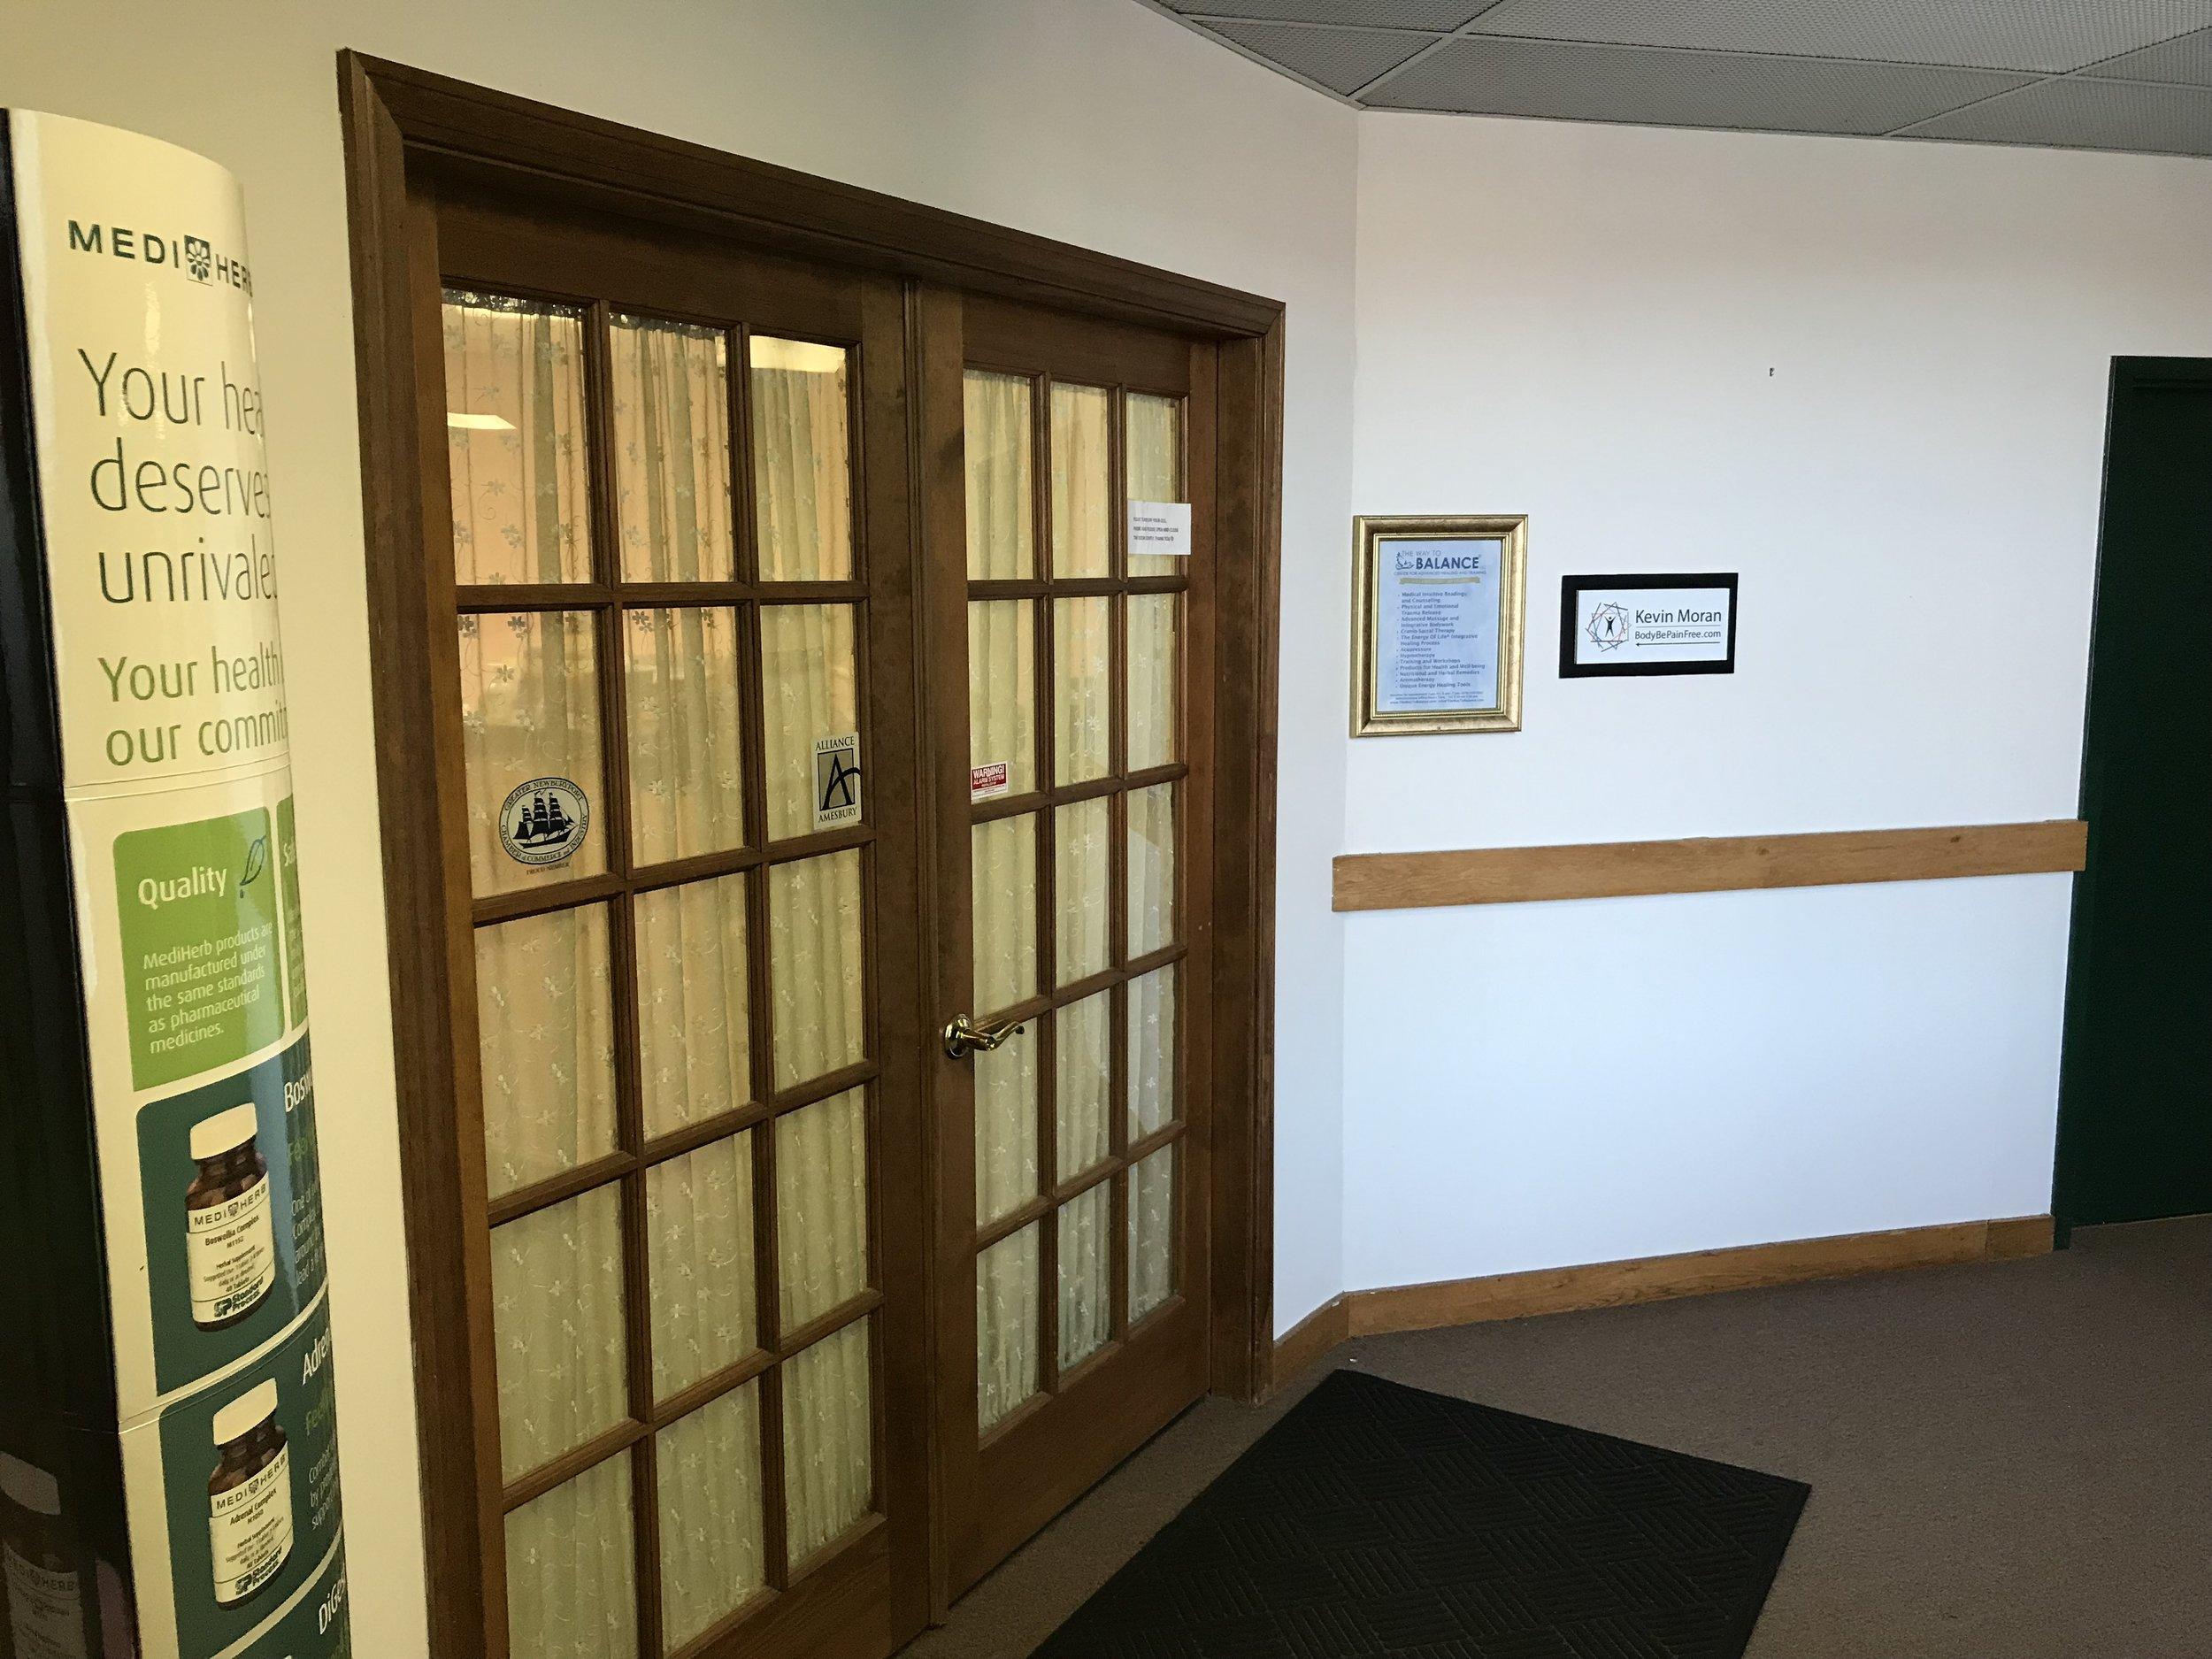 Find double doors just outside second floor door.